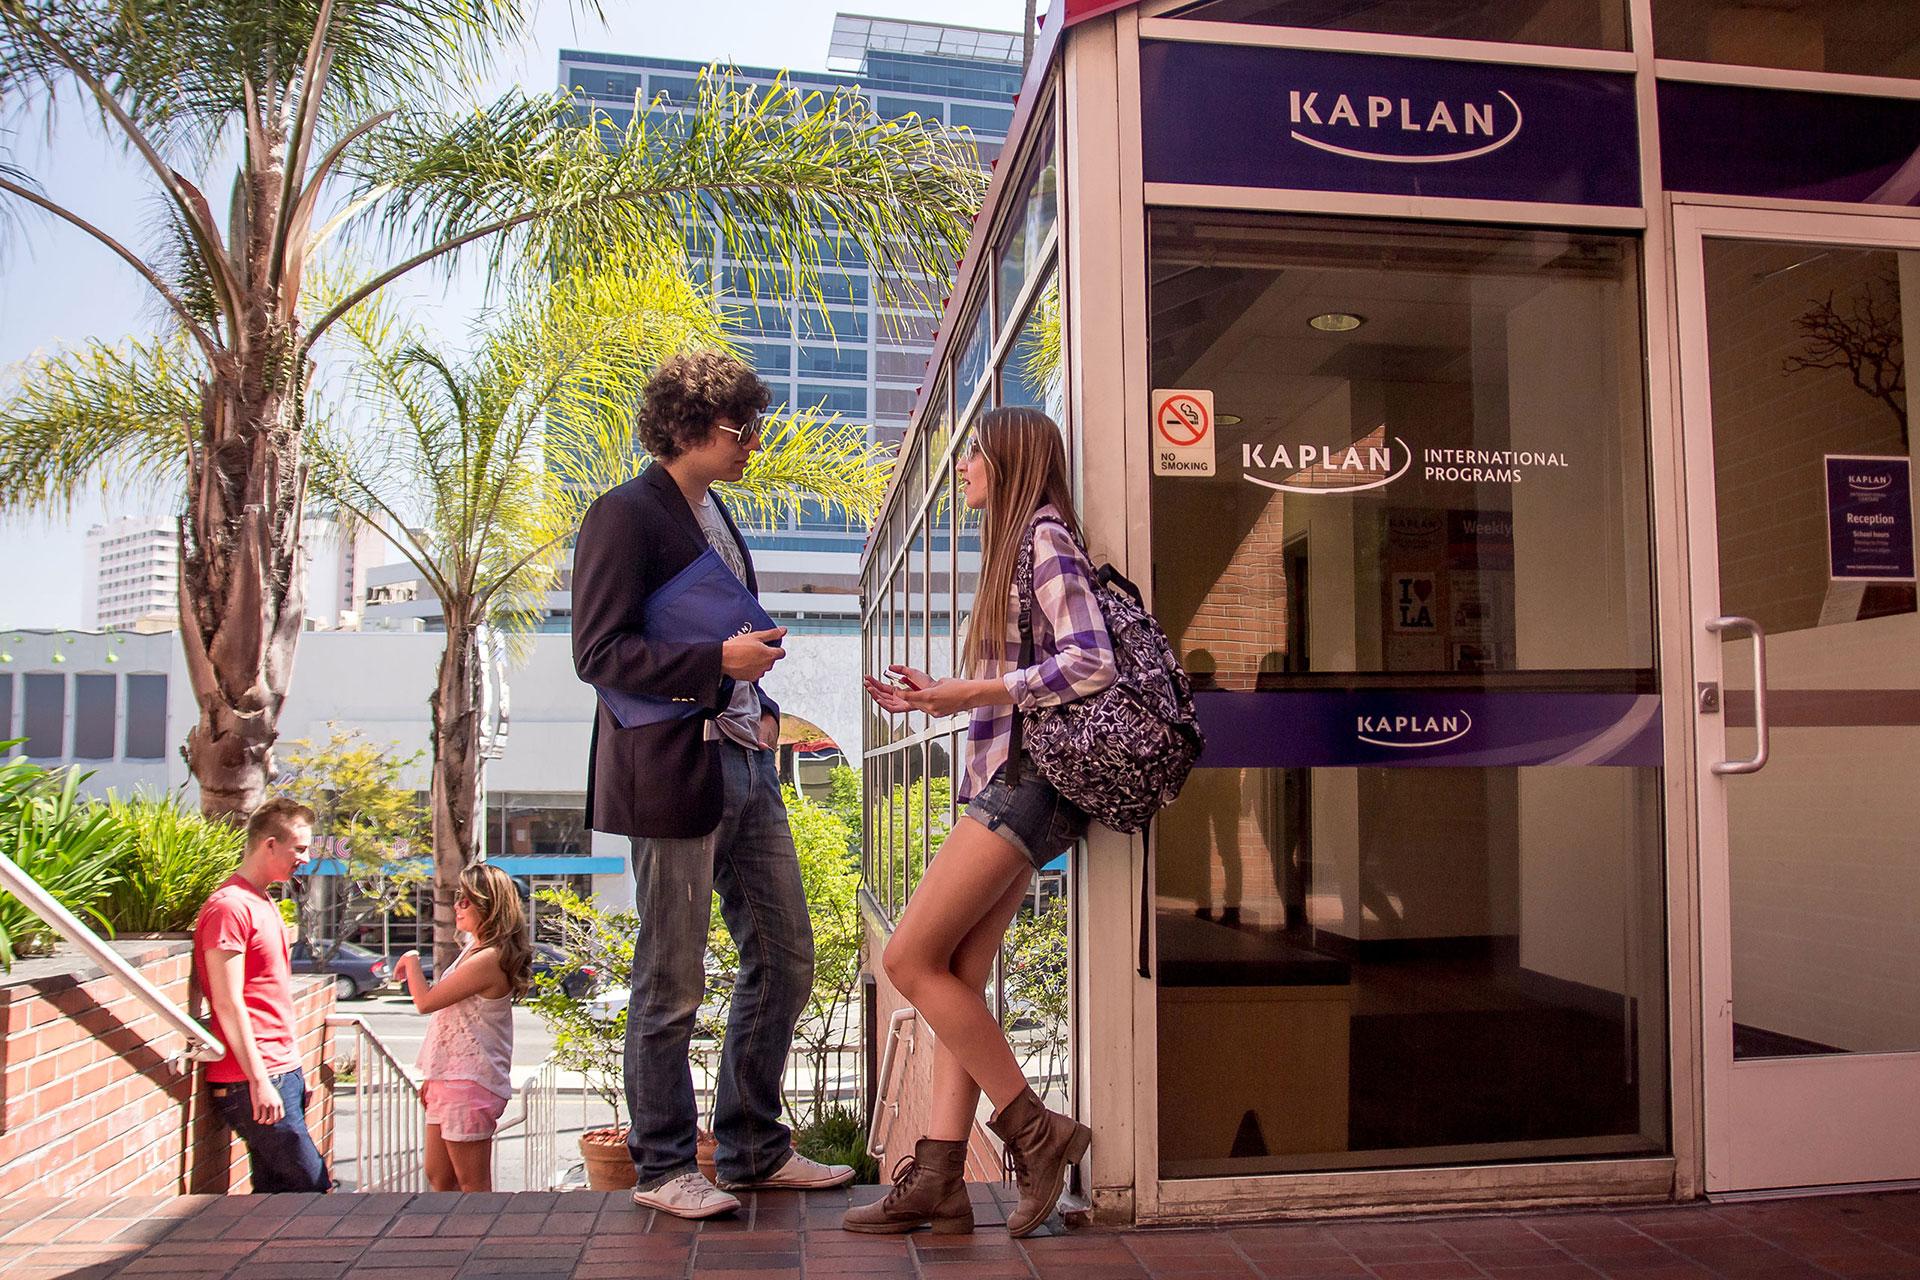 Kaplan Westwood Los Angeles